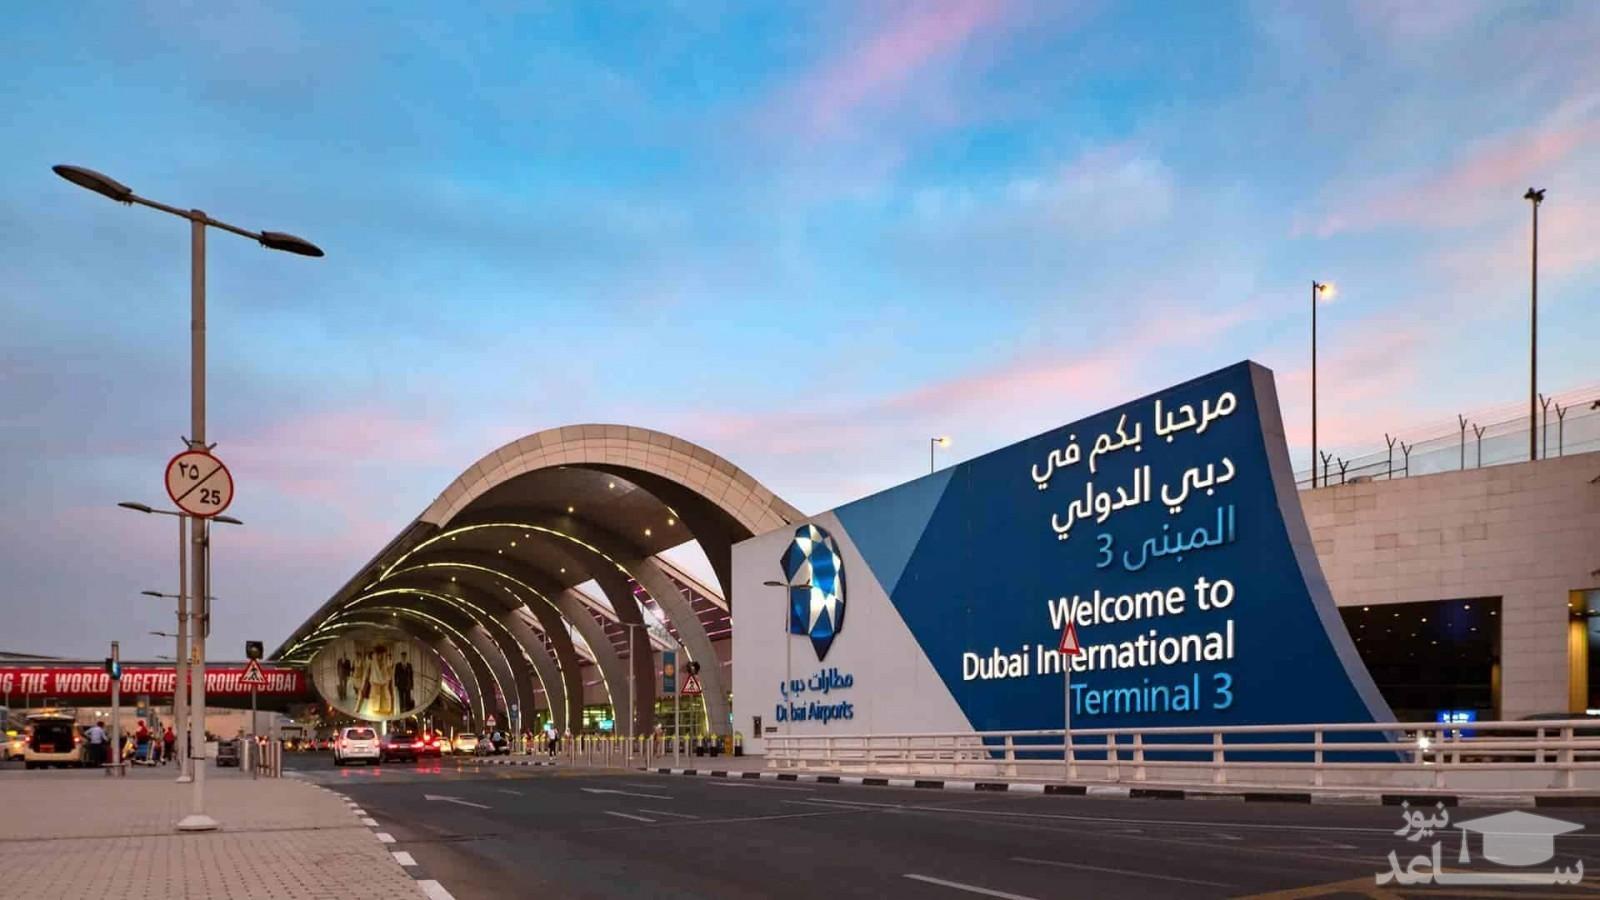 پروازهای خارجی نوروز در هالهای از ابهام/ دوبی از سر گرفته شد